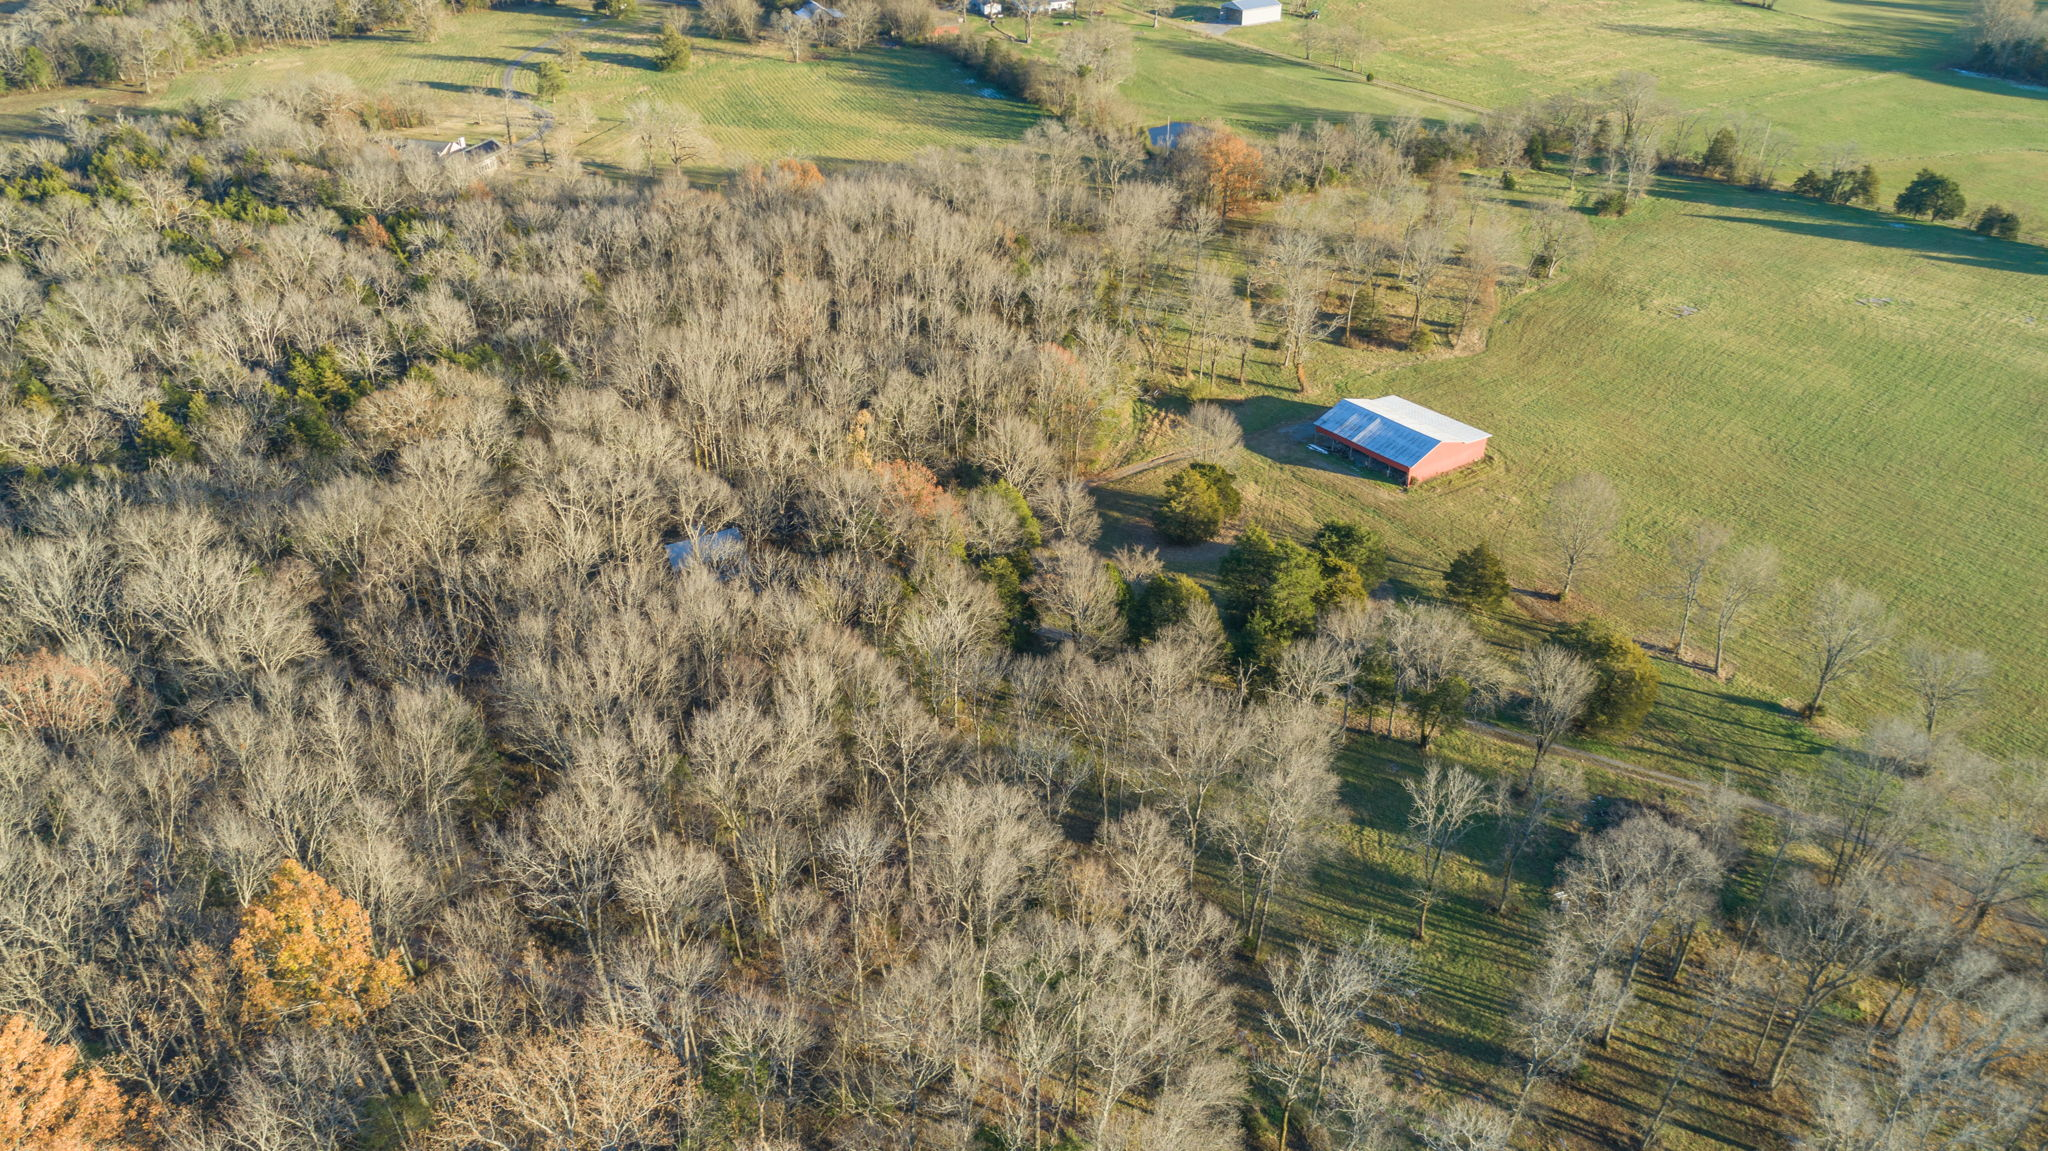 1411 TN-82 S, Shelbyville, TN 37160, US Photo 146